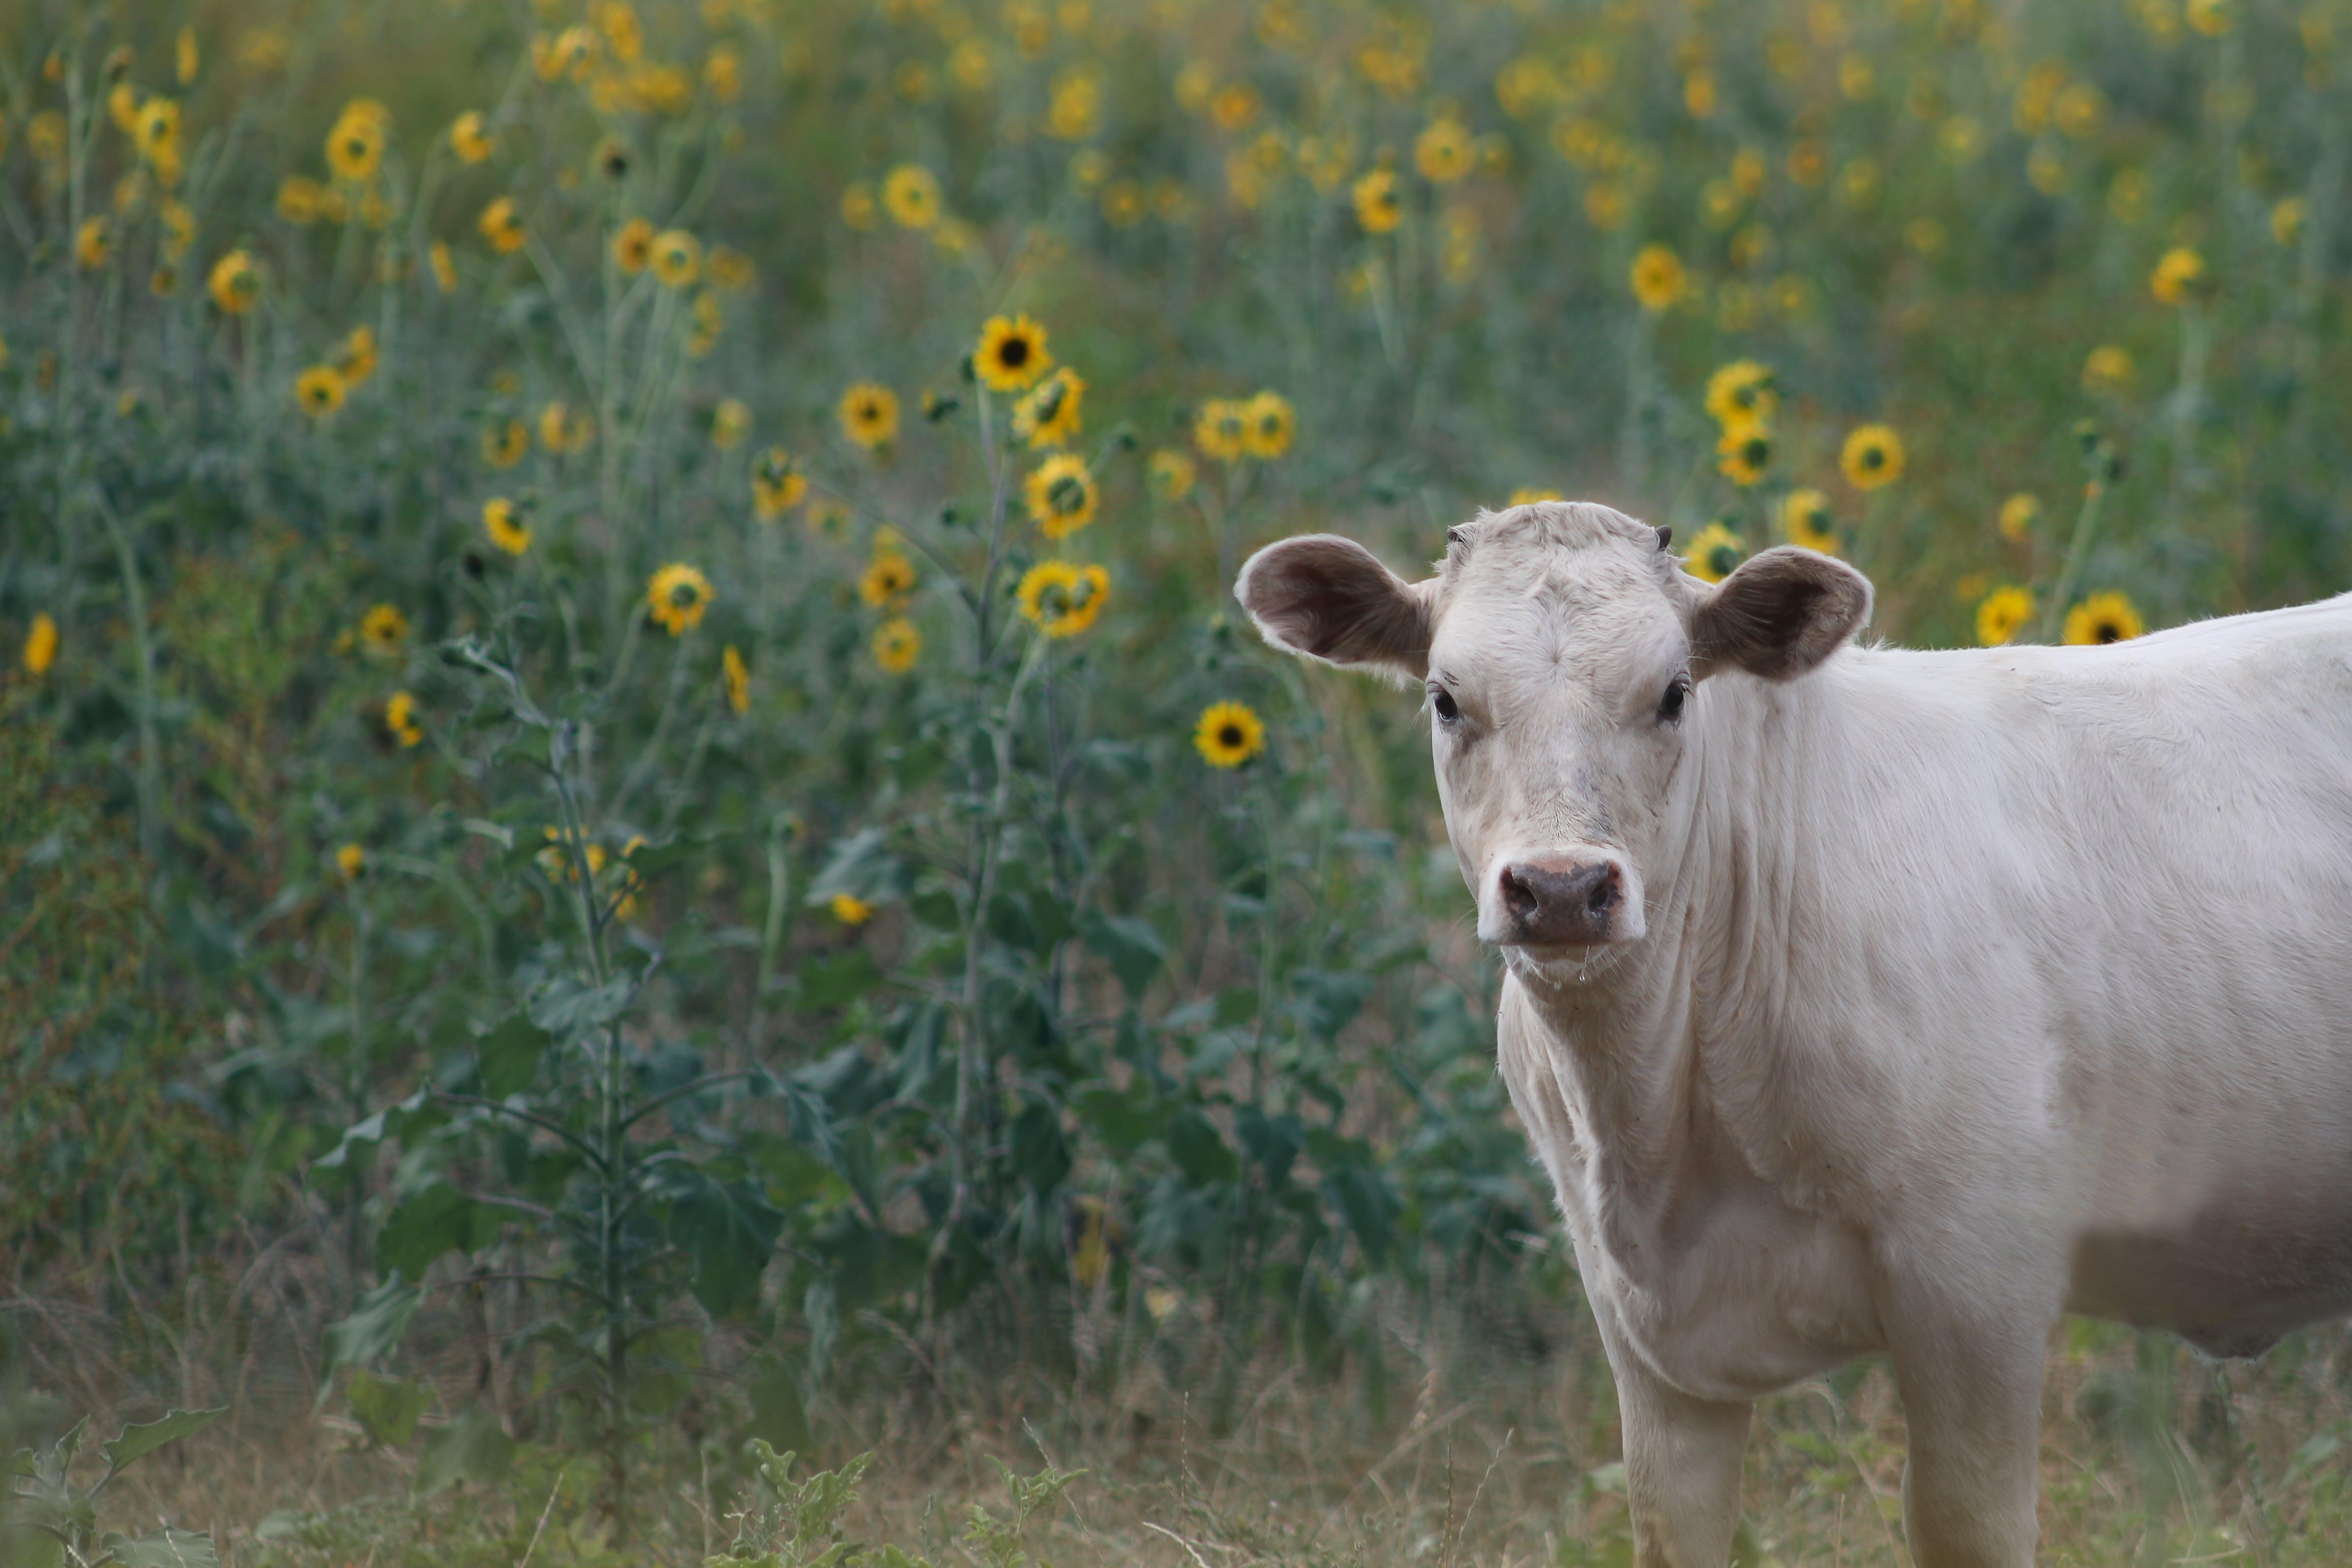 Gratis stockfoto met cowboys, koe, koe in een veld met zonnebloemen, koe in het veld